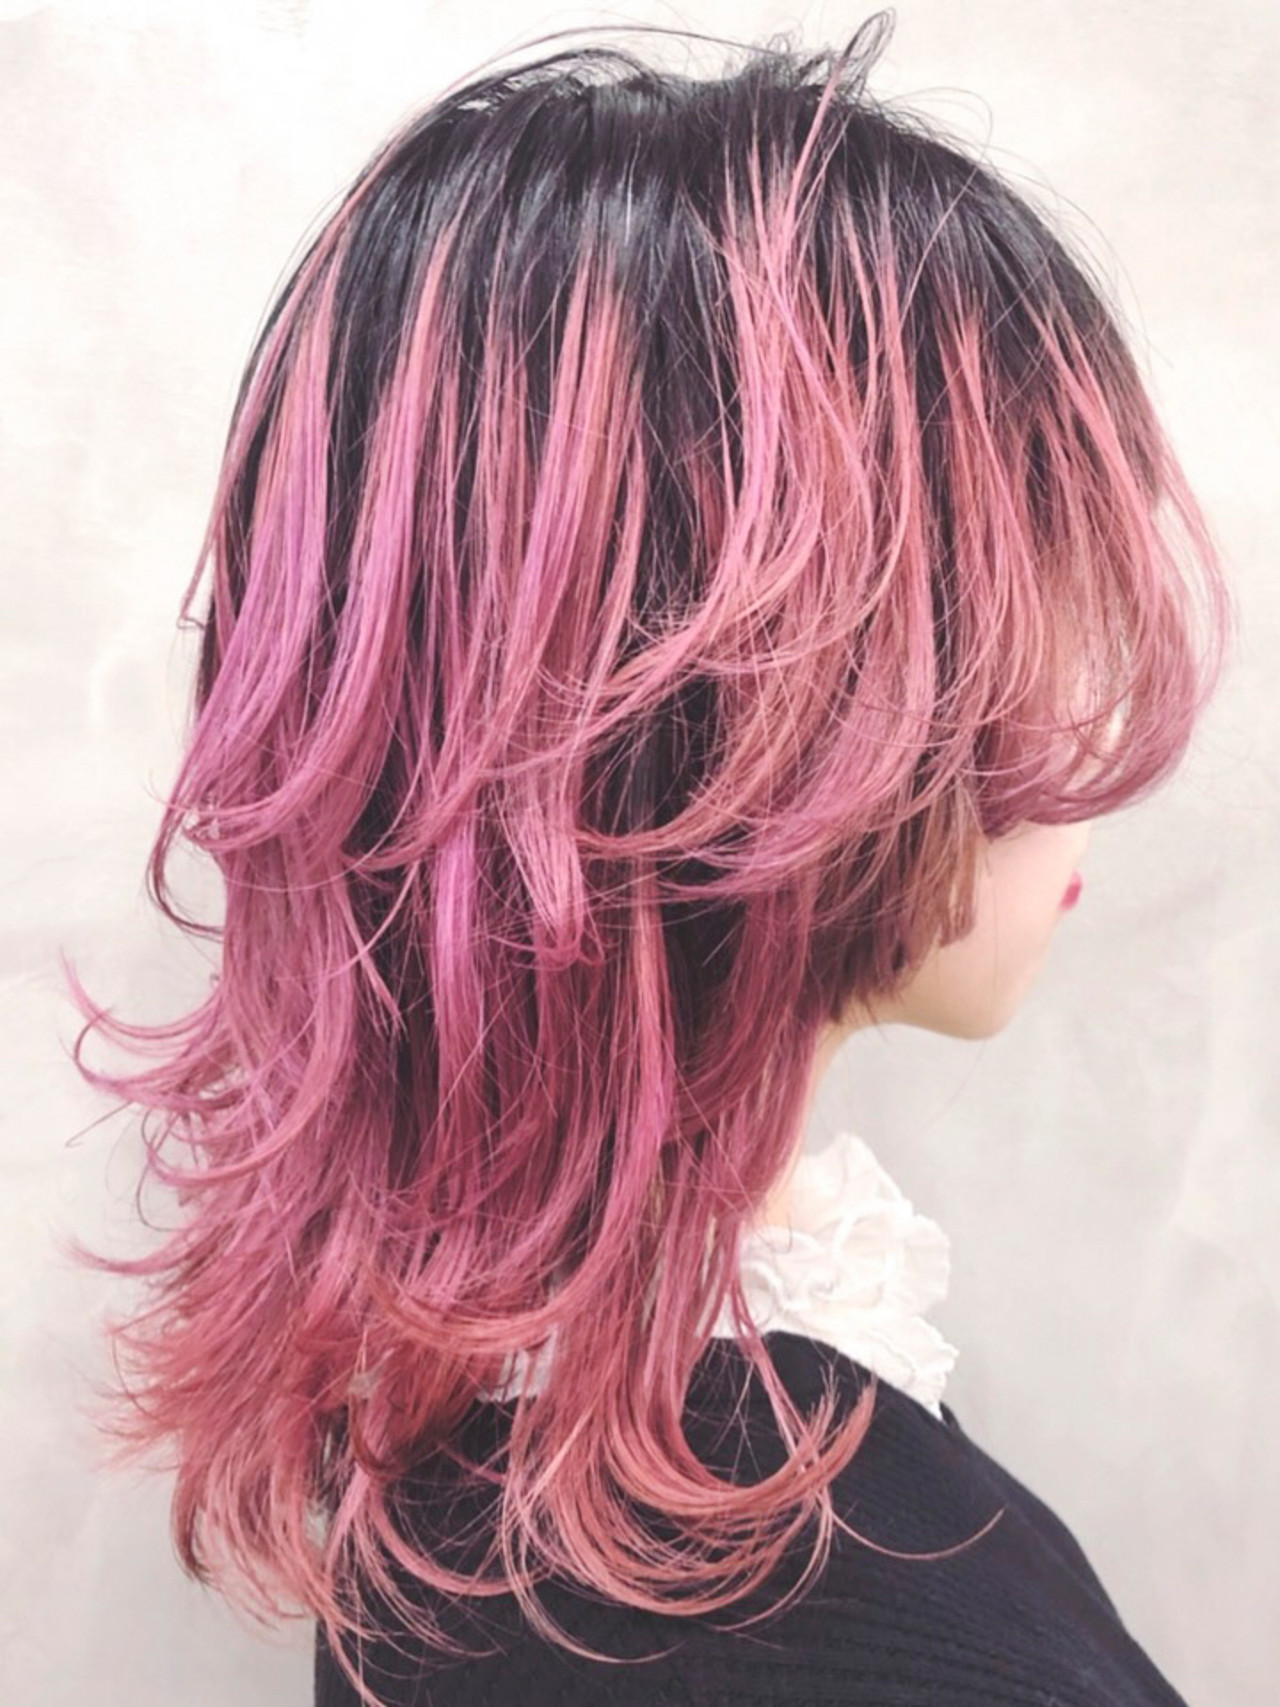 ウルフカット フェミニン グラデーションカラー セミロング ヘアスタイルや髪型の写真・画像